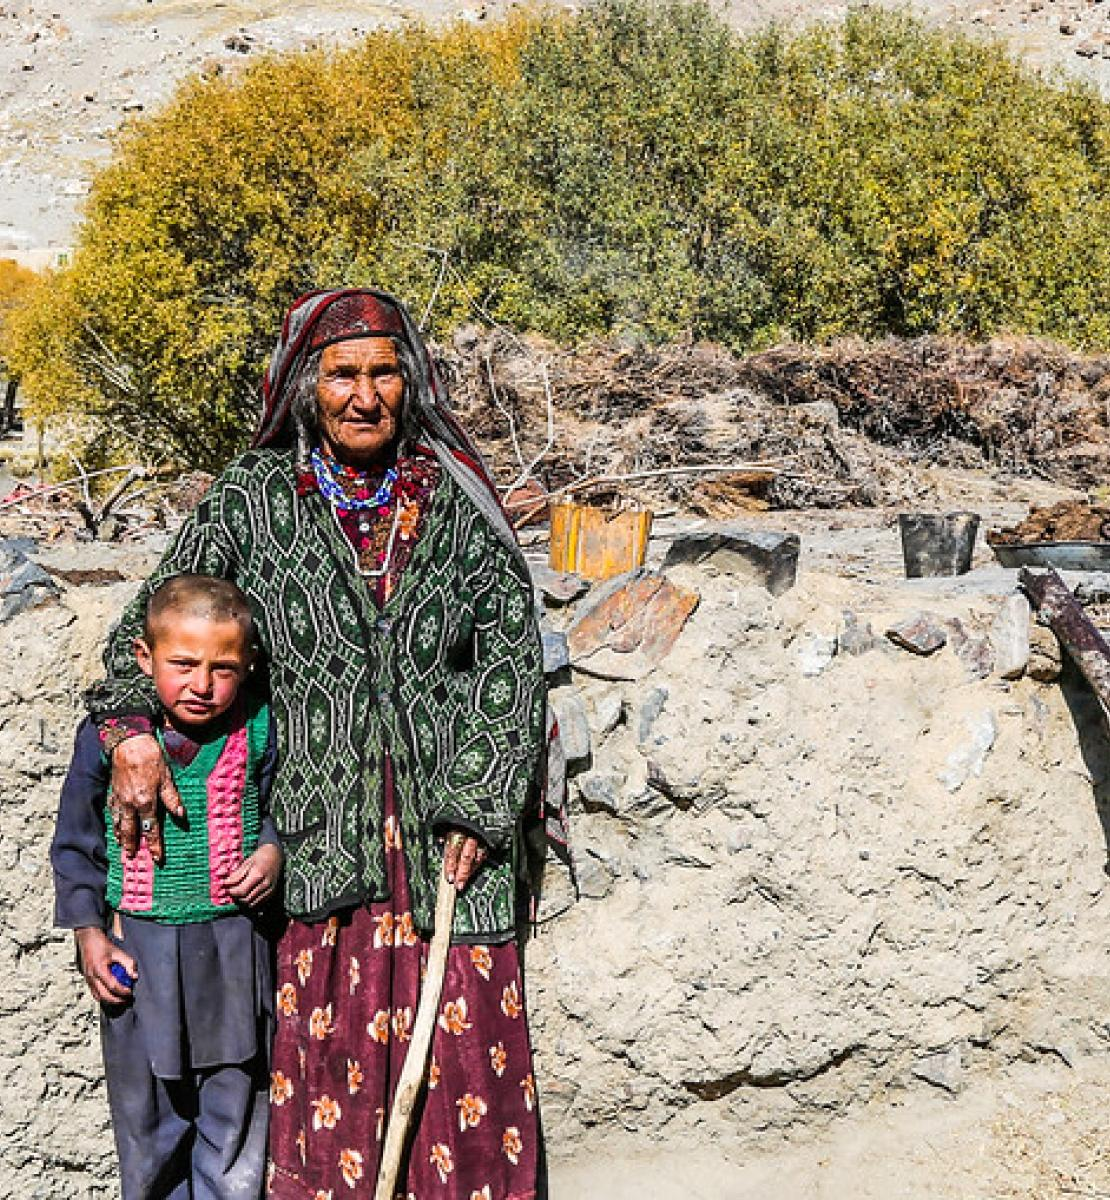 一位年长的妇女搂着一个年幼的孩子